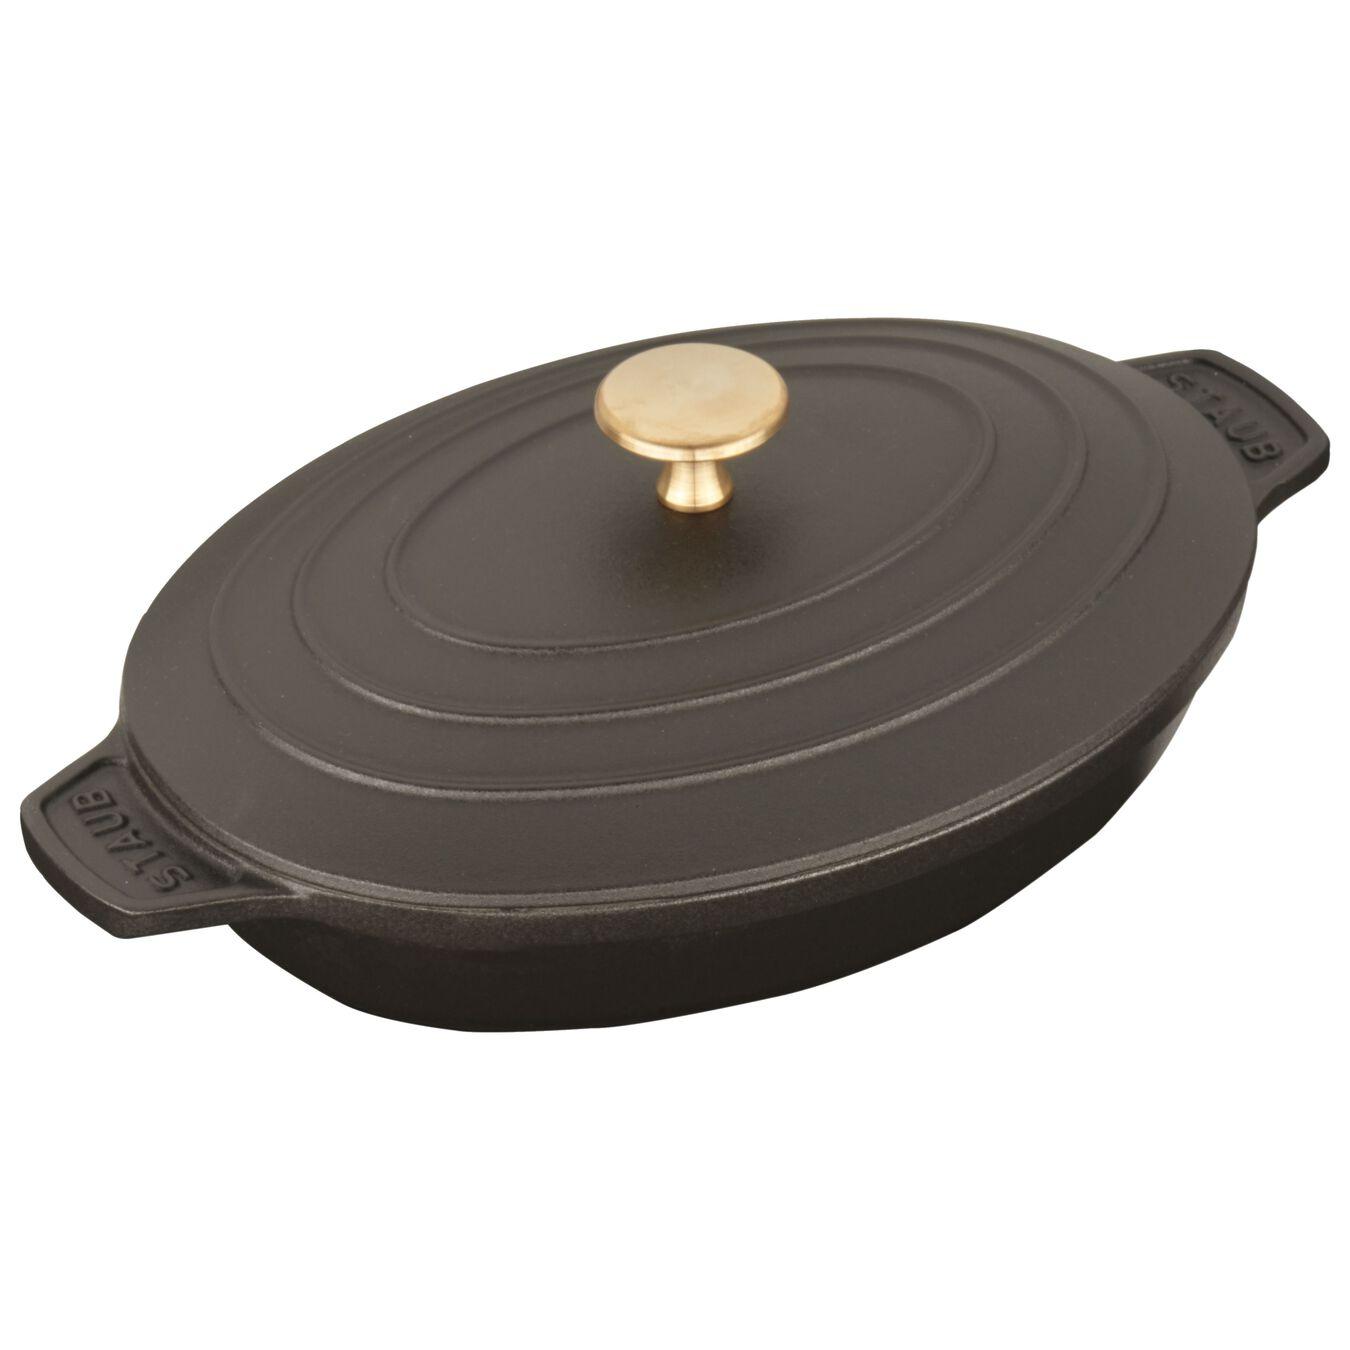 Kapaklı Servis Tabağı  | Döküm Demir | 23 cm | Siyah,,large 3